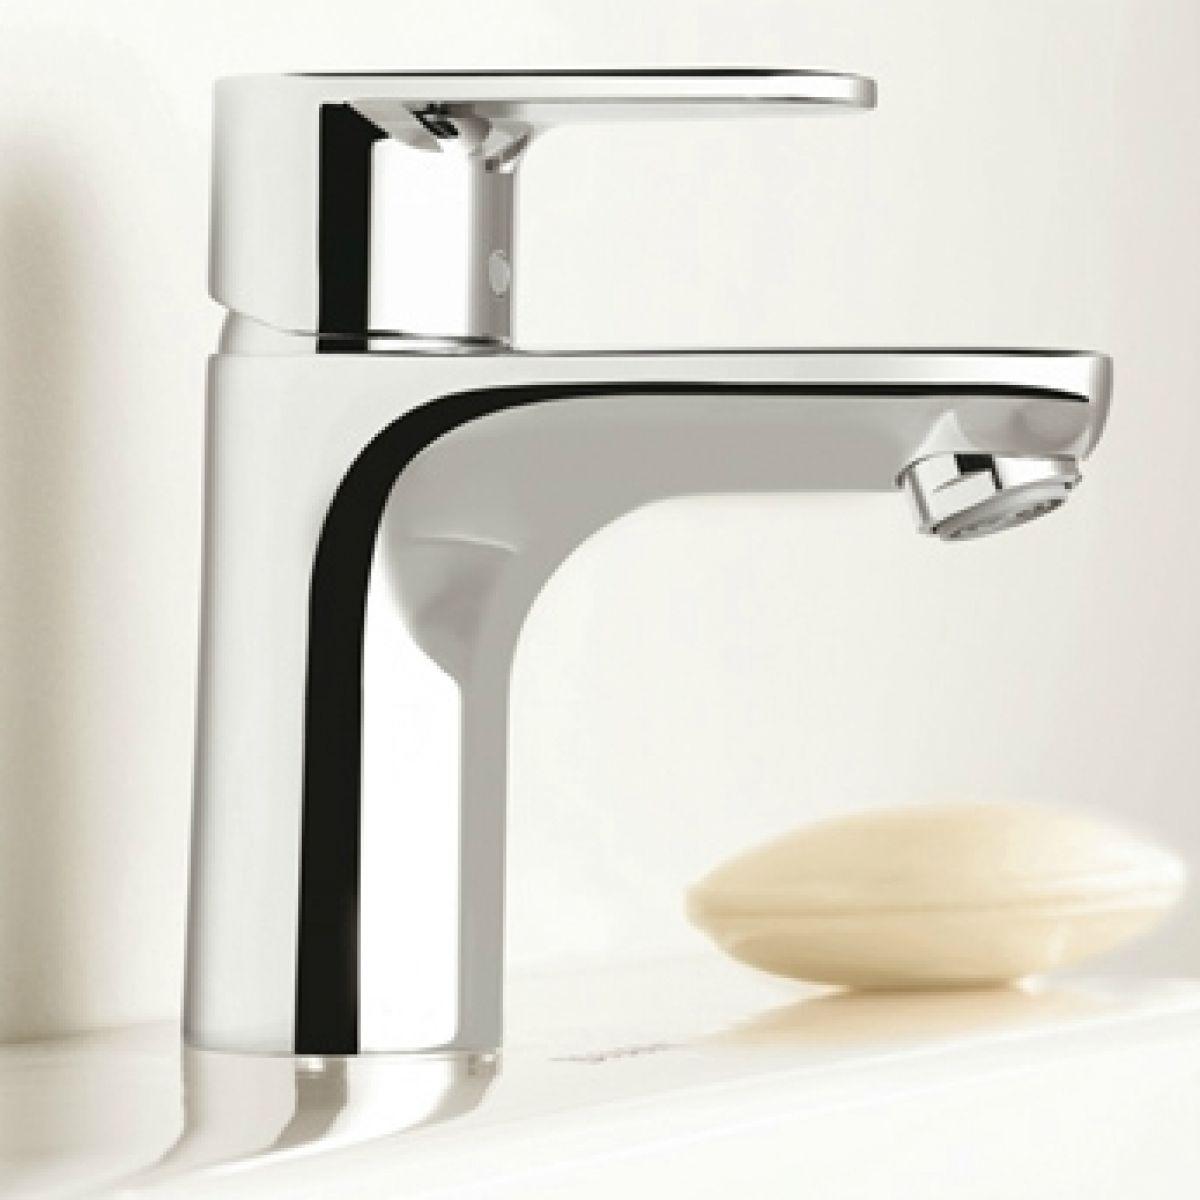 hansgrohe talis e2 basin mixer uk bathrooms. Black Bedroom Furniture Sets. Home Design Ideas